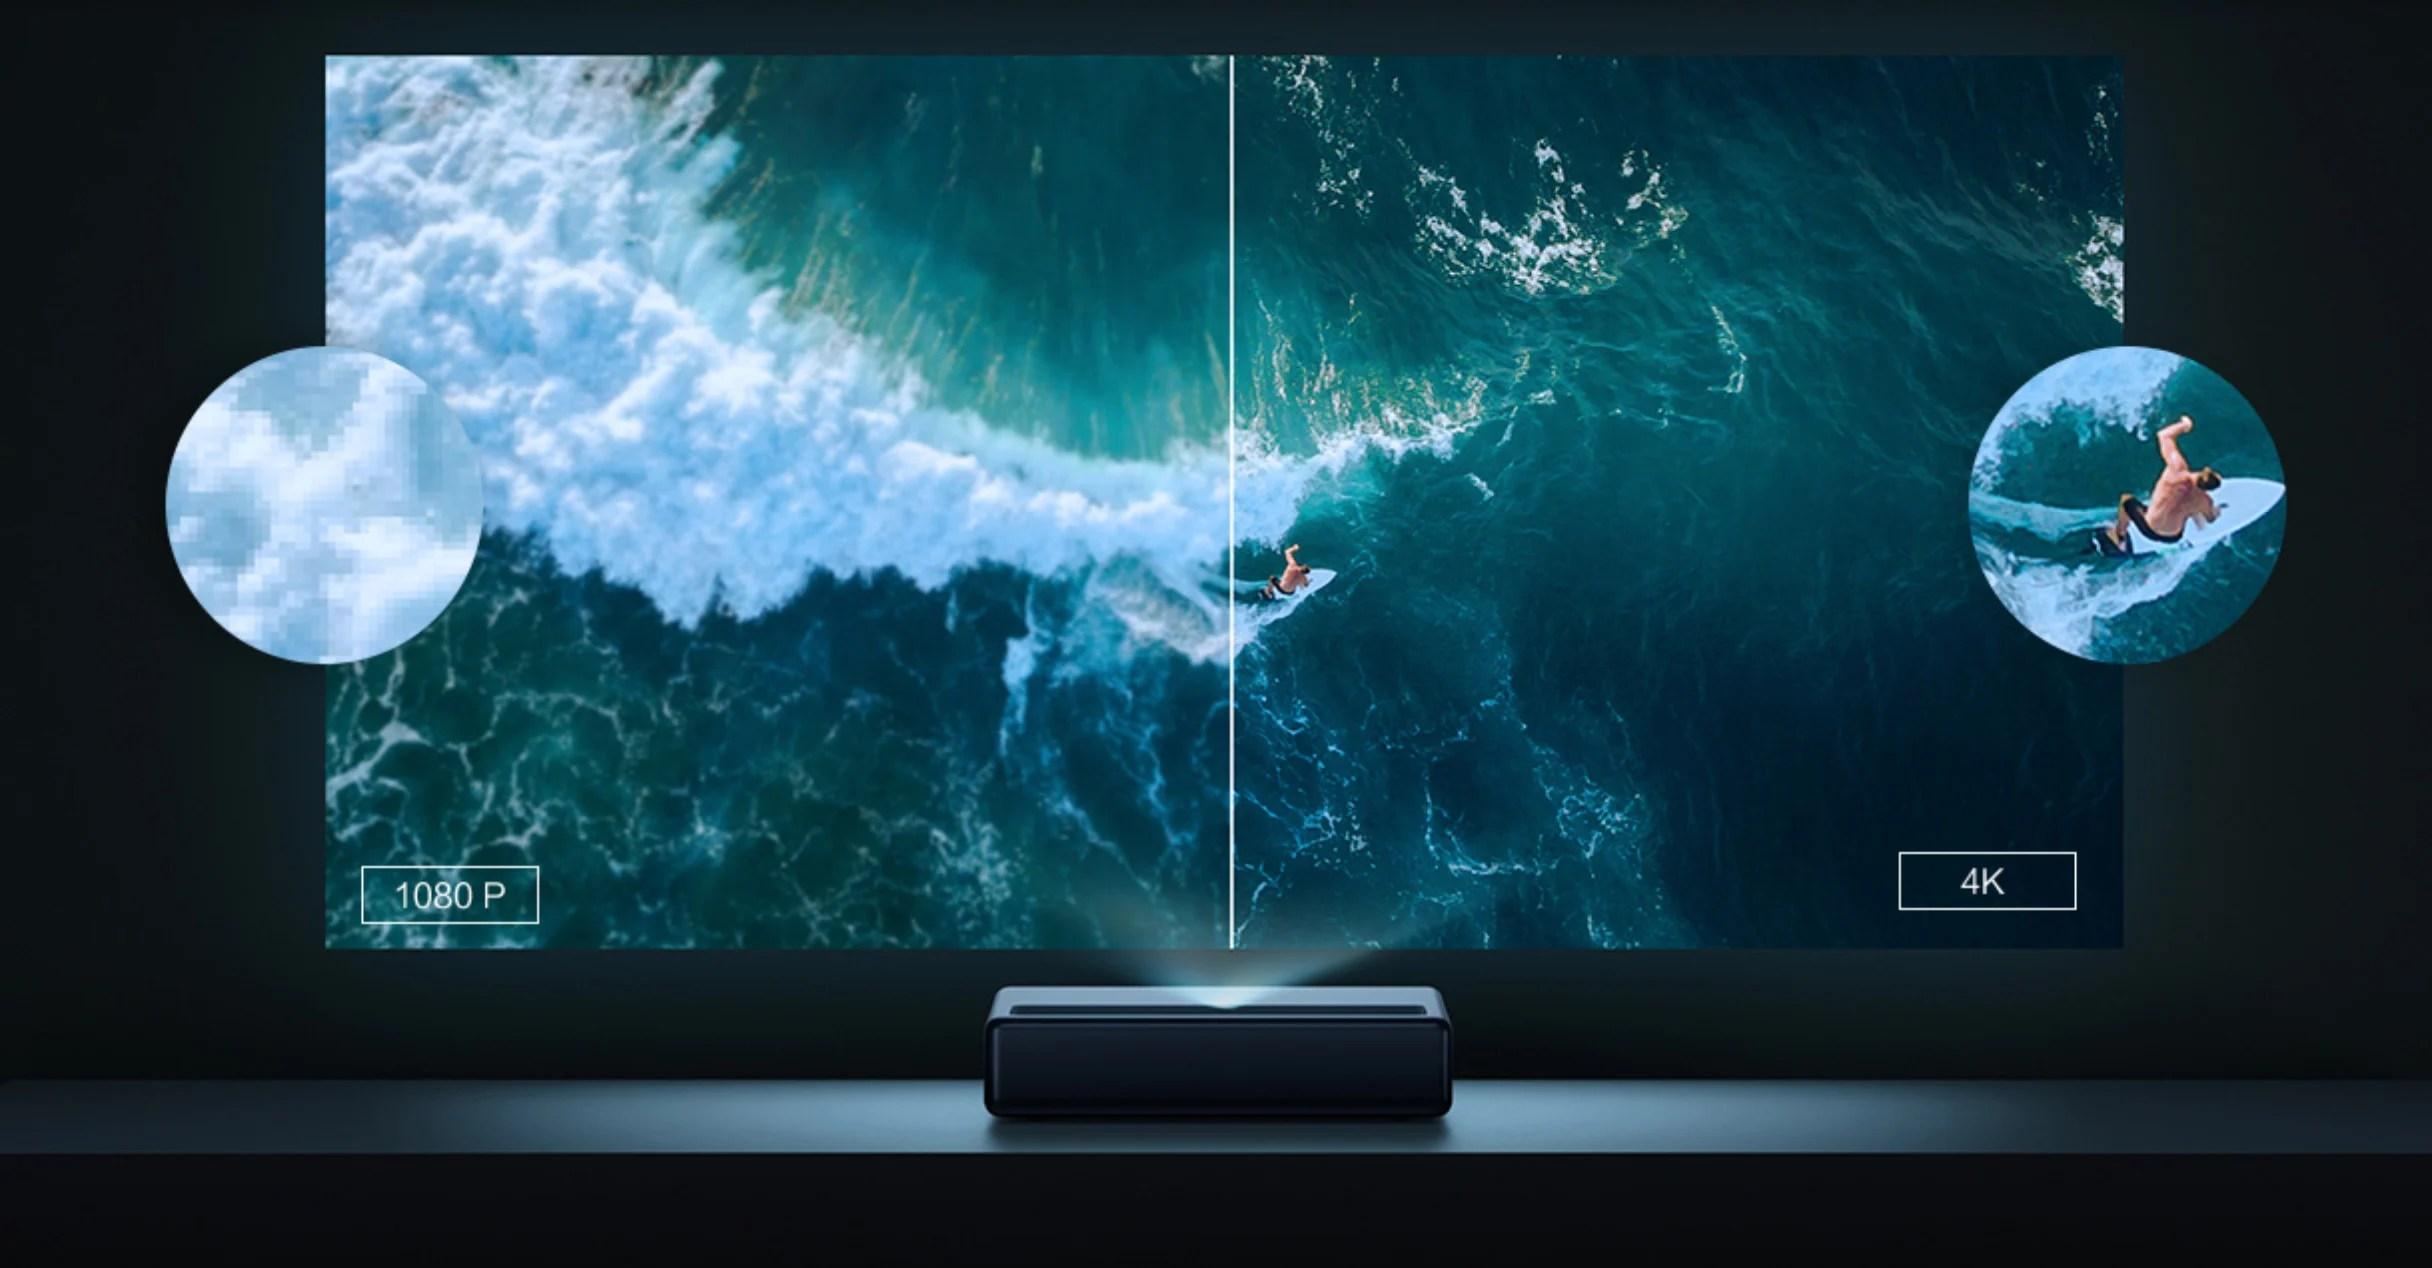 Le vidéoprojecteur Xiaomi Mijia Mi Laser Projector passe à la 4K, enfin presque